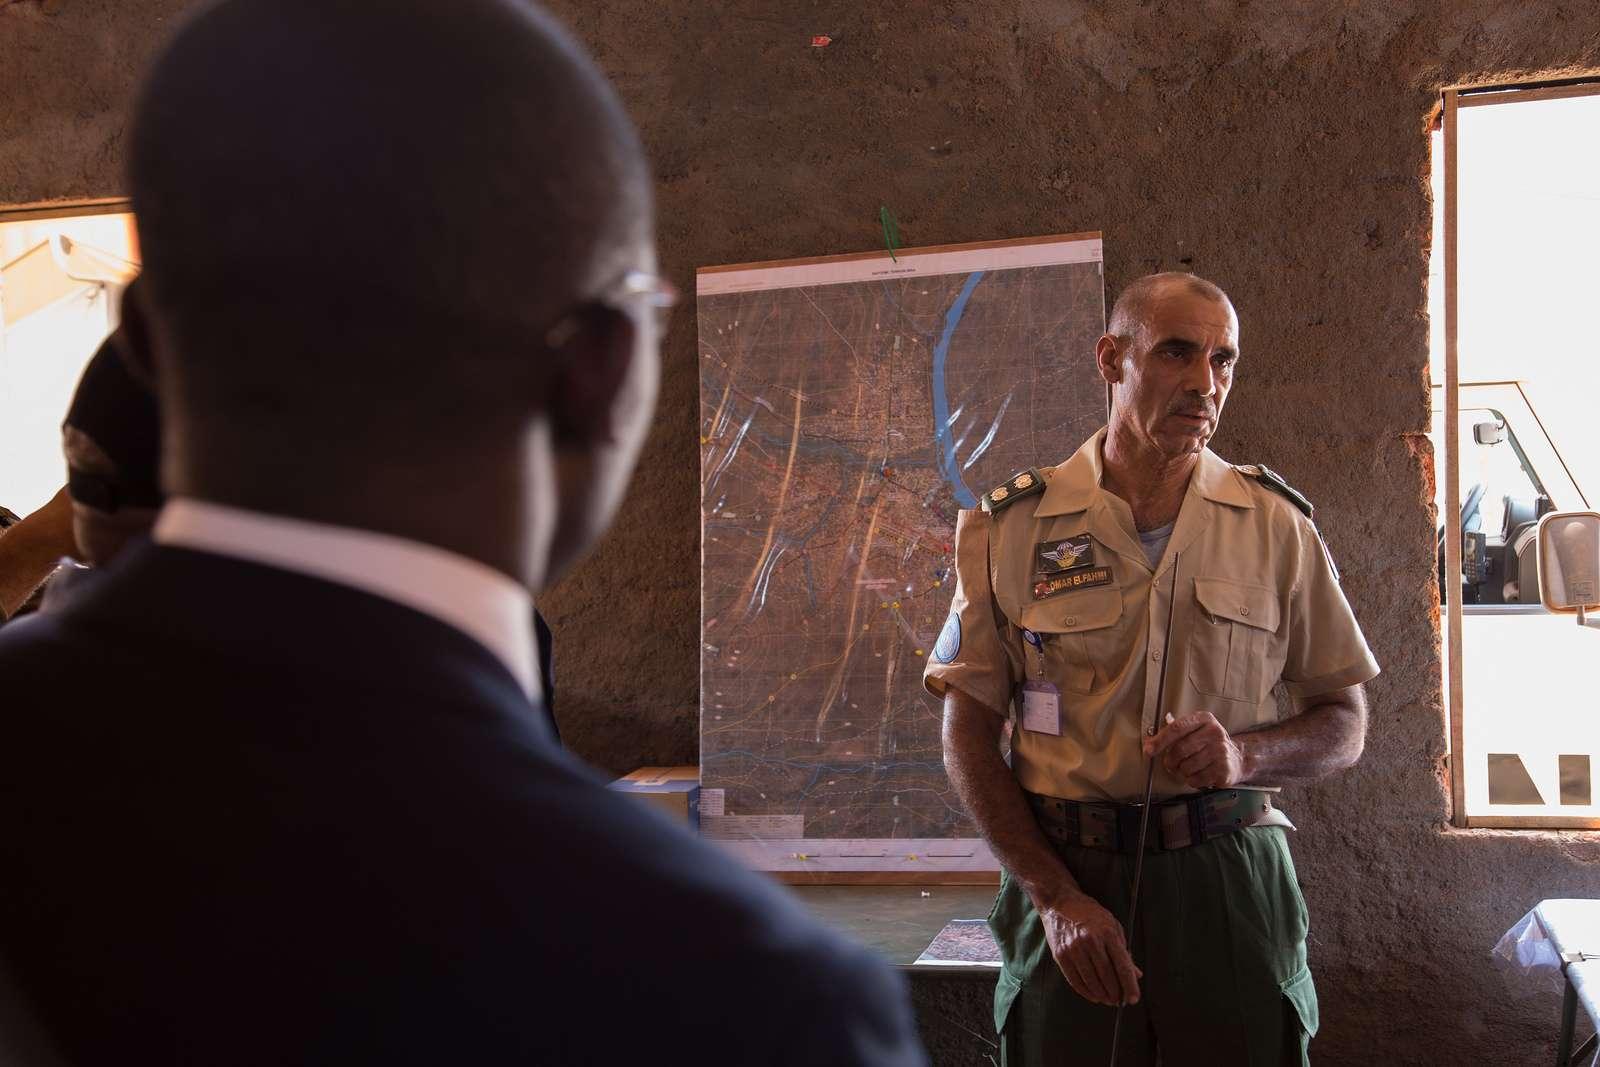 Maintien de la paix dans le monde - Les FAR en République Centrafricaine - RCA (MINUSCA) 16518211